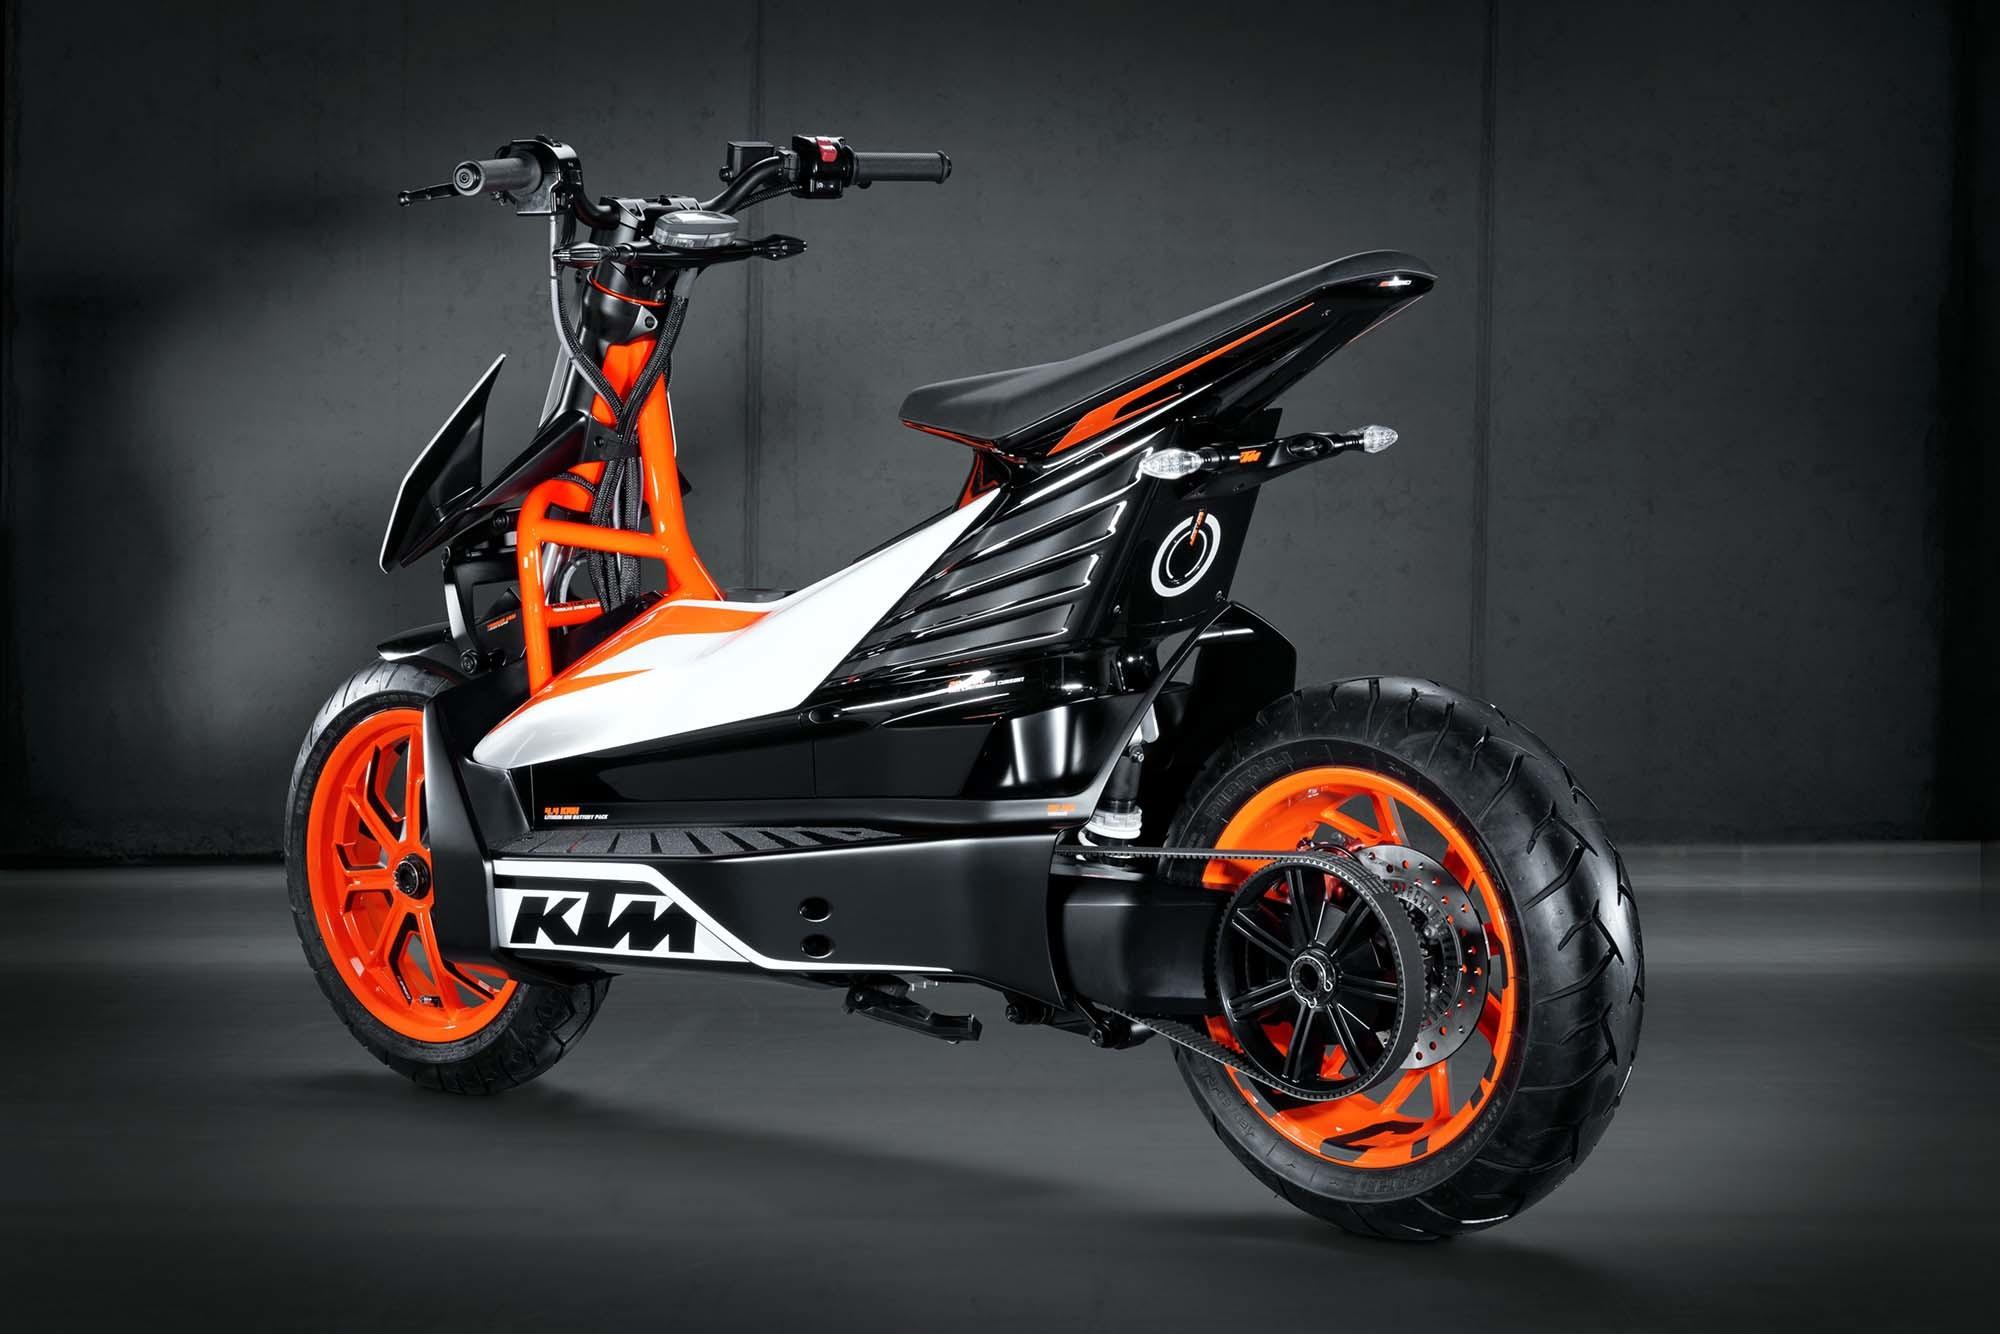 1080x1920 KTM RC8R Motorcycle 01 Nexus 5 Wallpapers